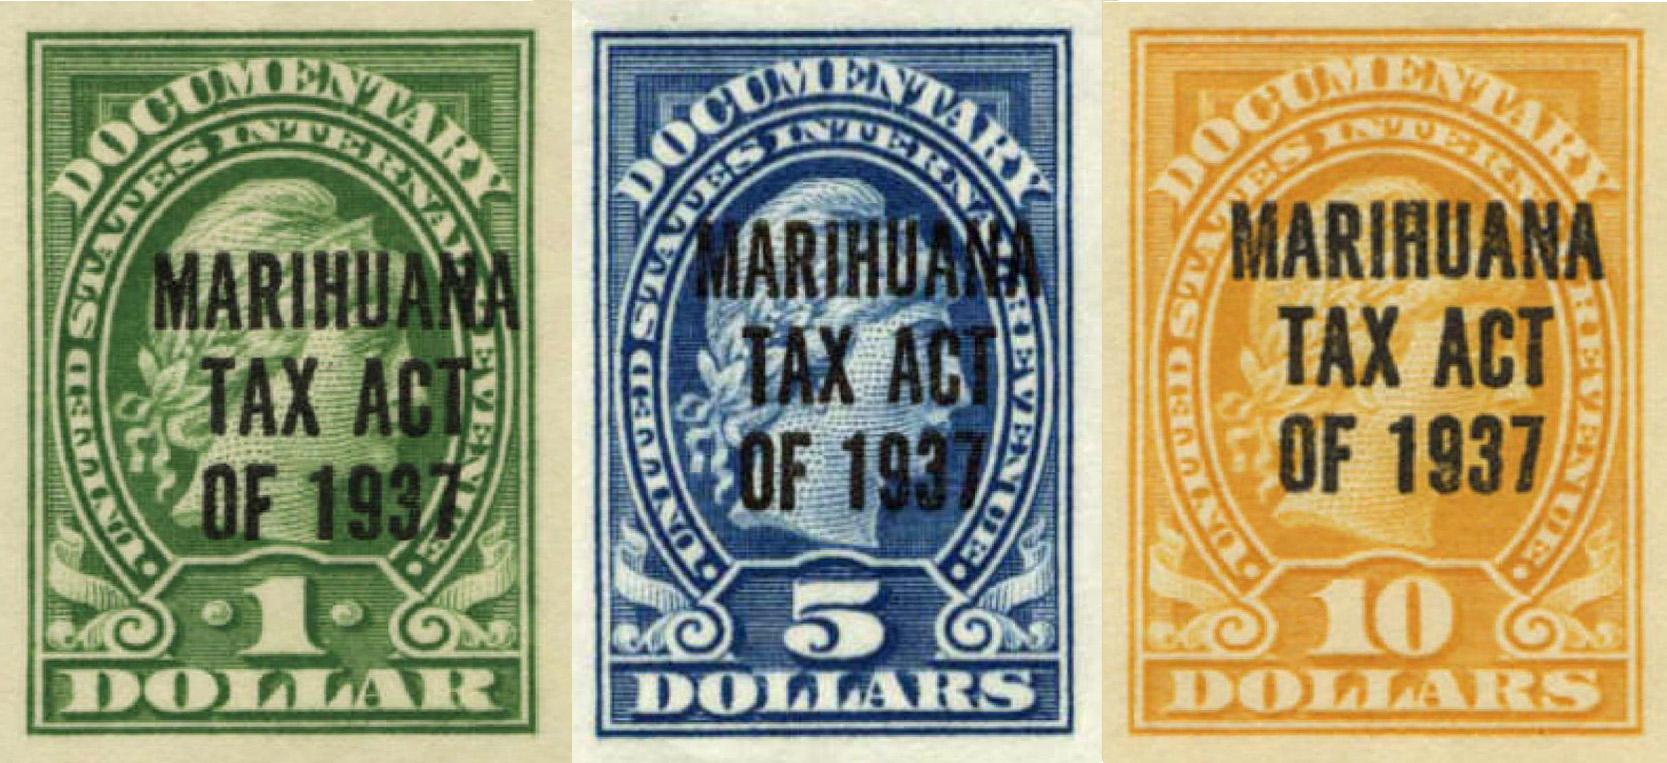 Marihuana Tax Act Stamps